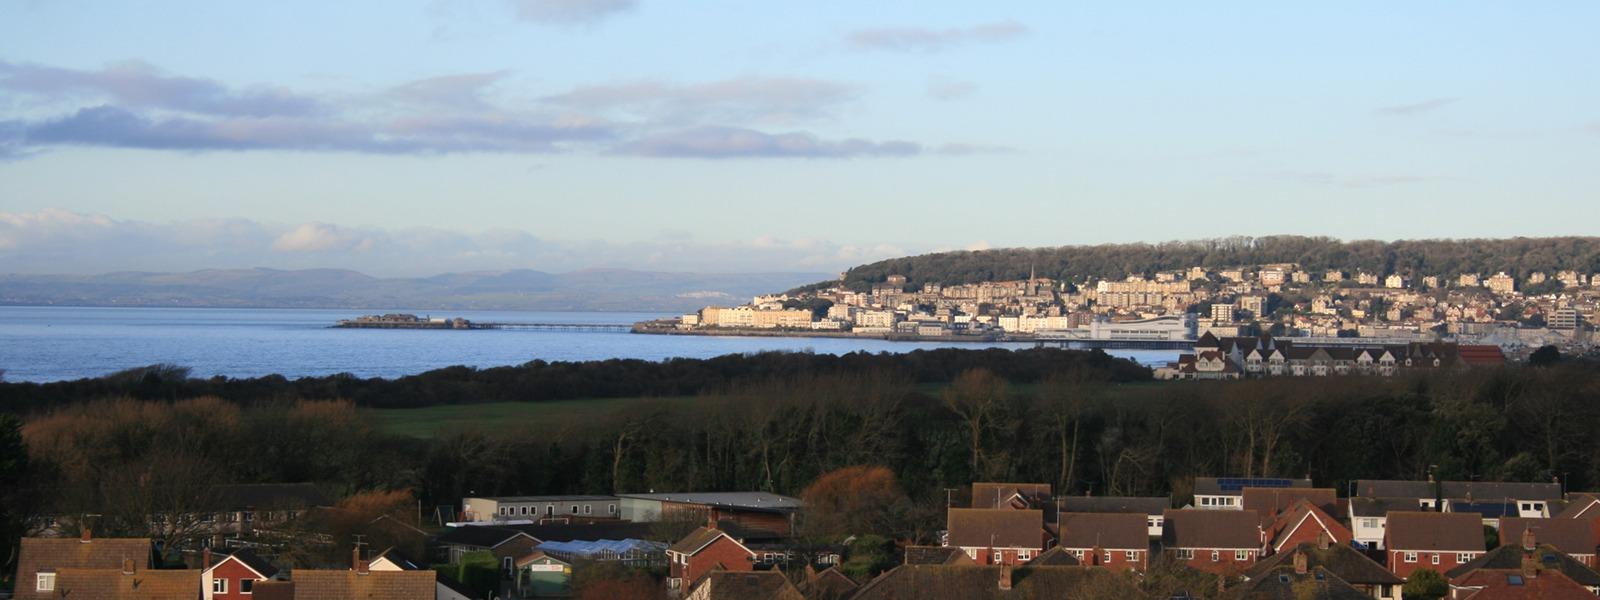 Weston-super-Mare bay